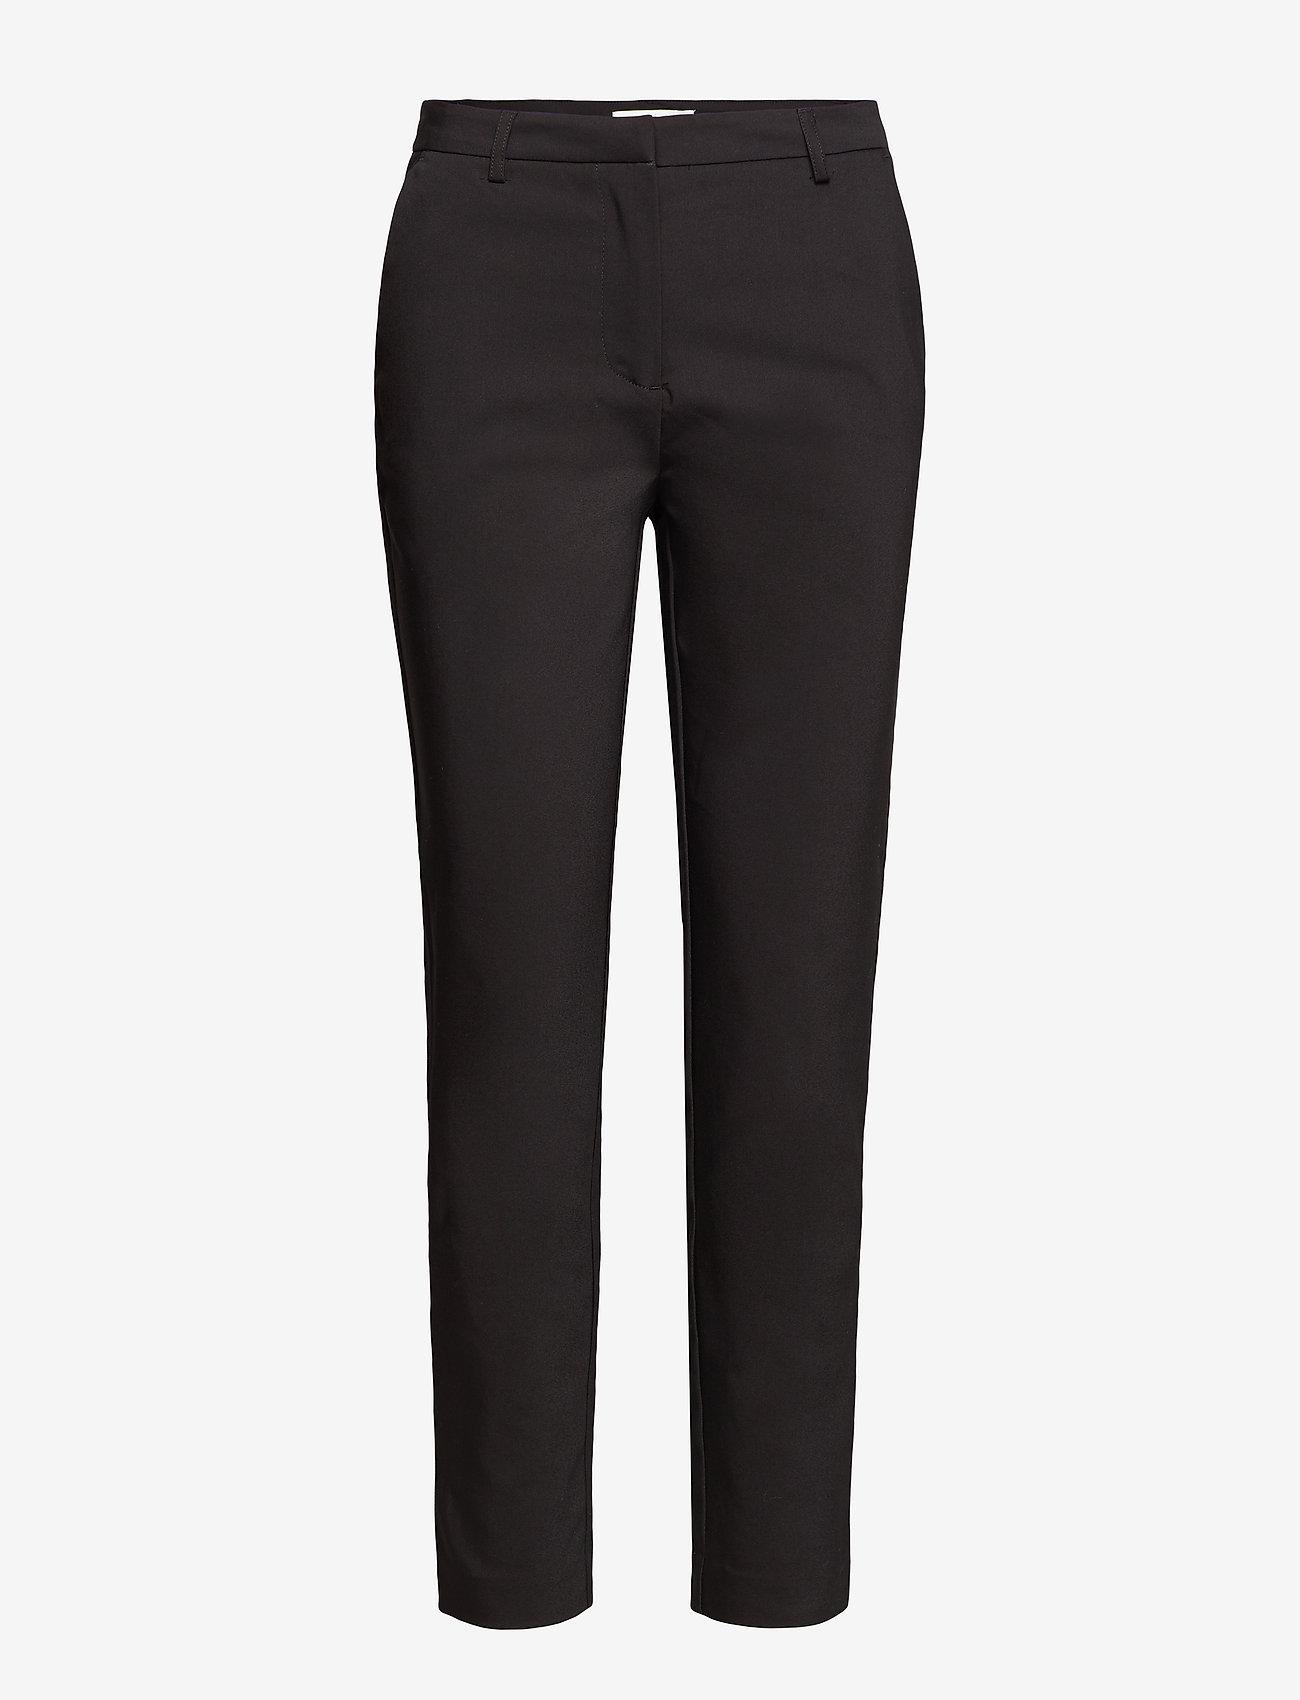 Vila - VIADELIA RWSL 7/8 NEW PANT-NOOS - straight leg trousers - black - 0